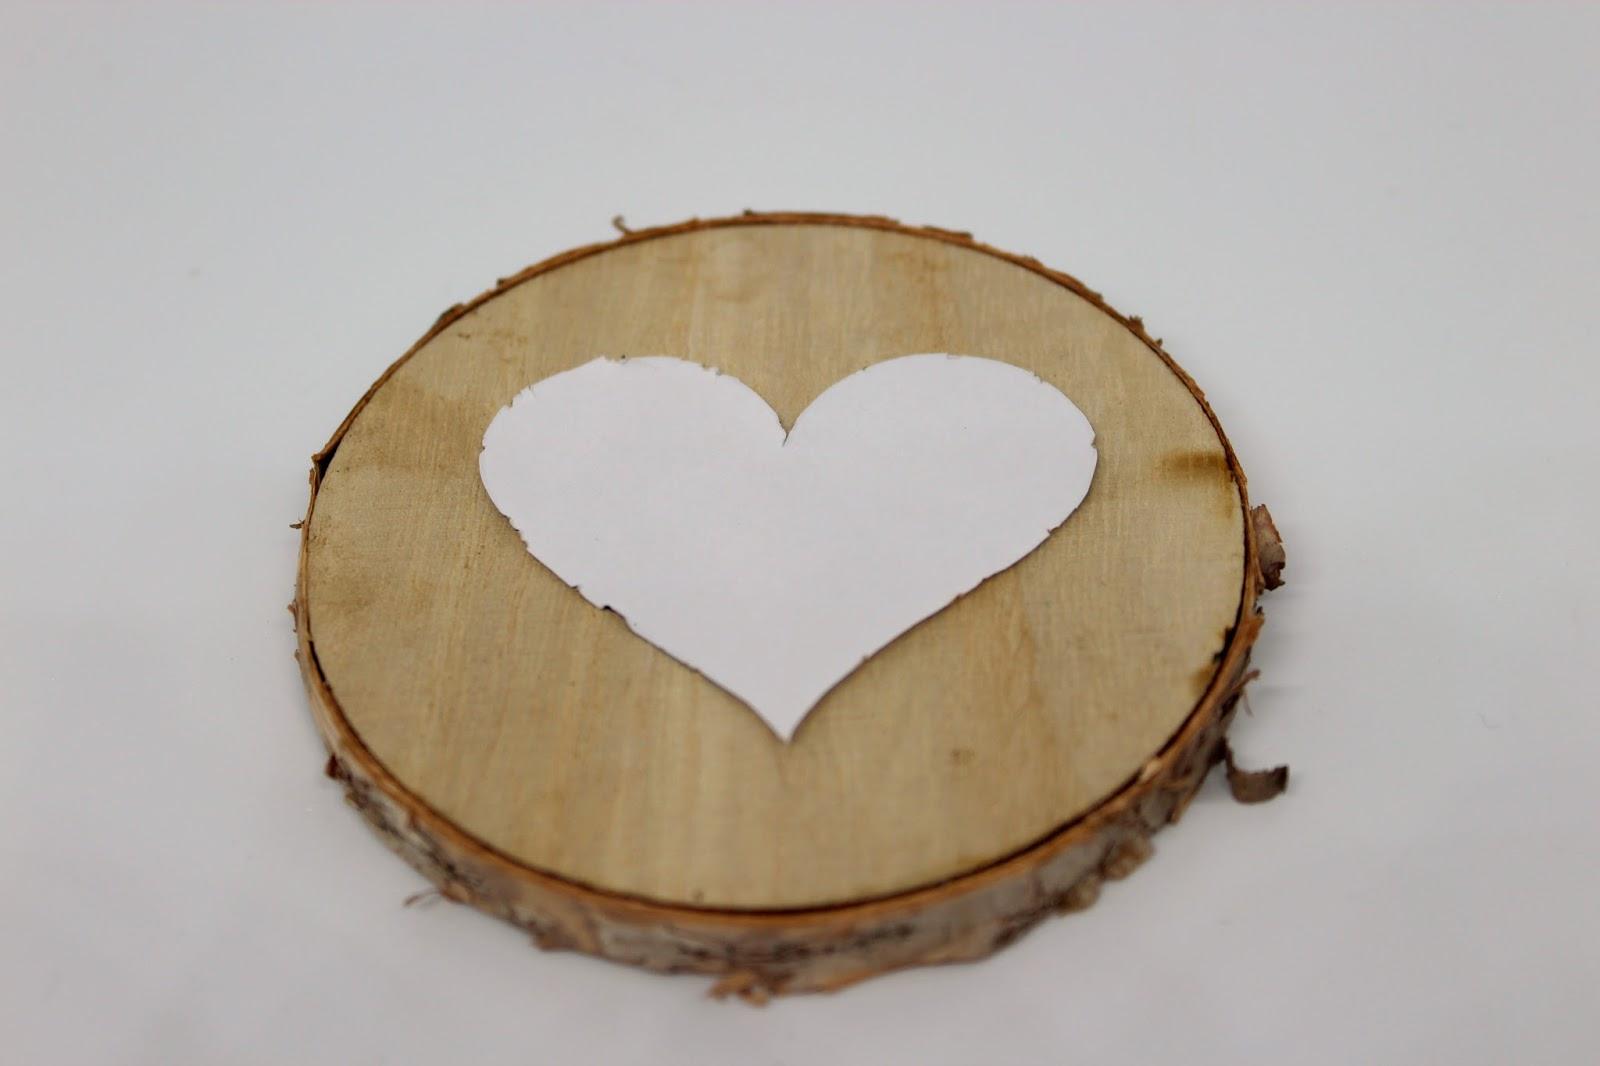 DIY, Basteln: Geschenk Zum Valentinstag Baumscheibe Mit Wollherz, Geschenke  Und Geschenkideen   DIYCarinchen